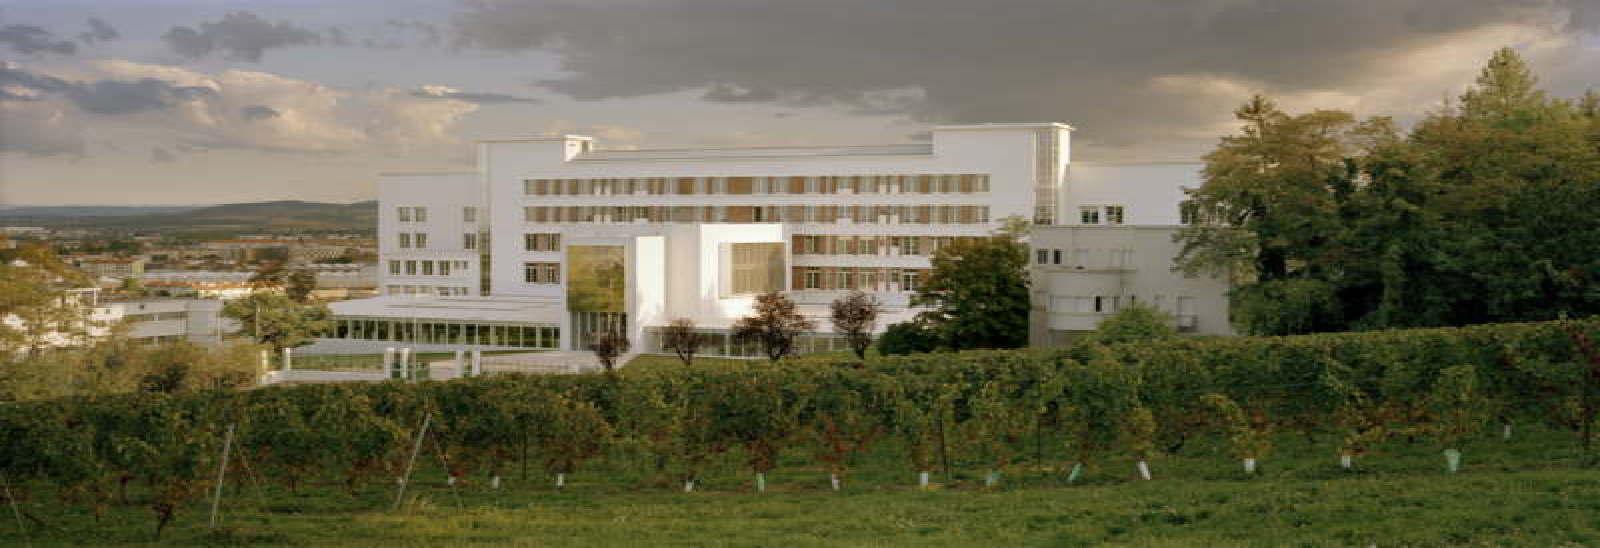 École D Architecture Clermont conversion of the sabourin sanatorium into a school of